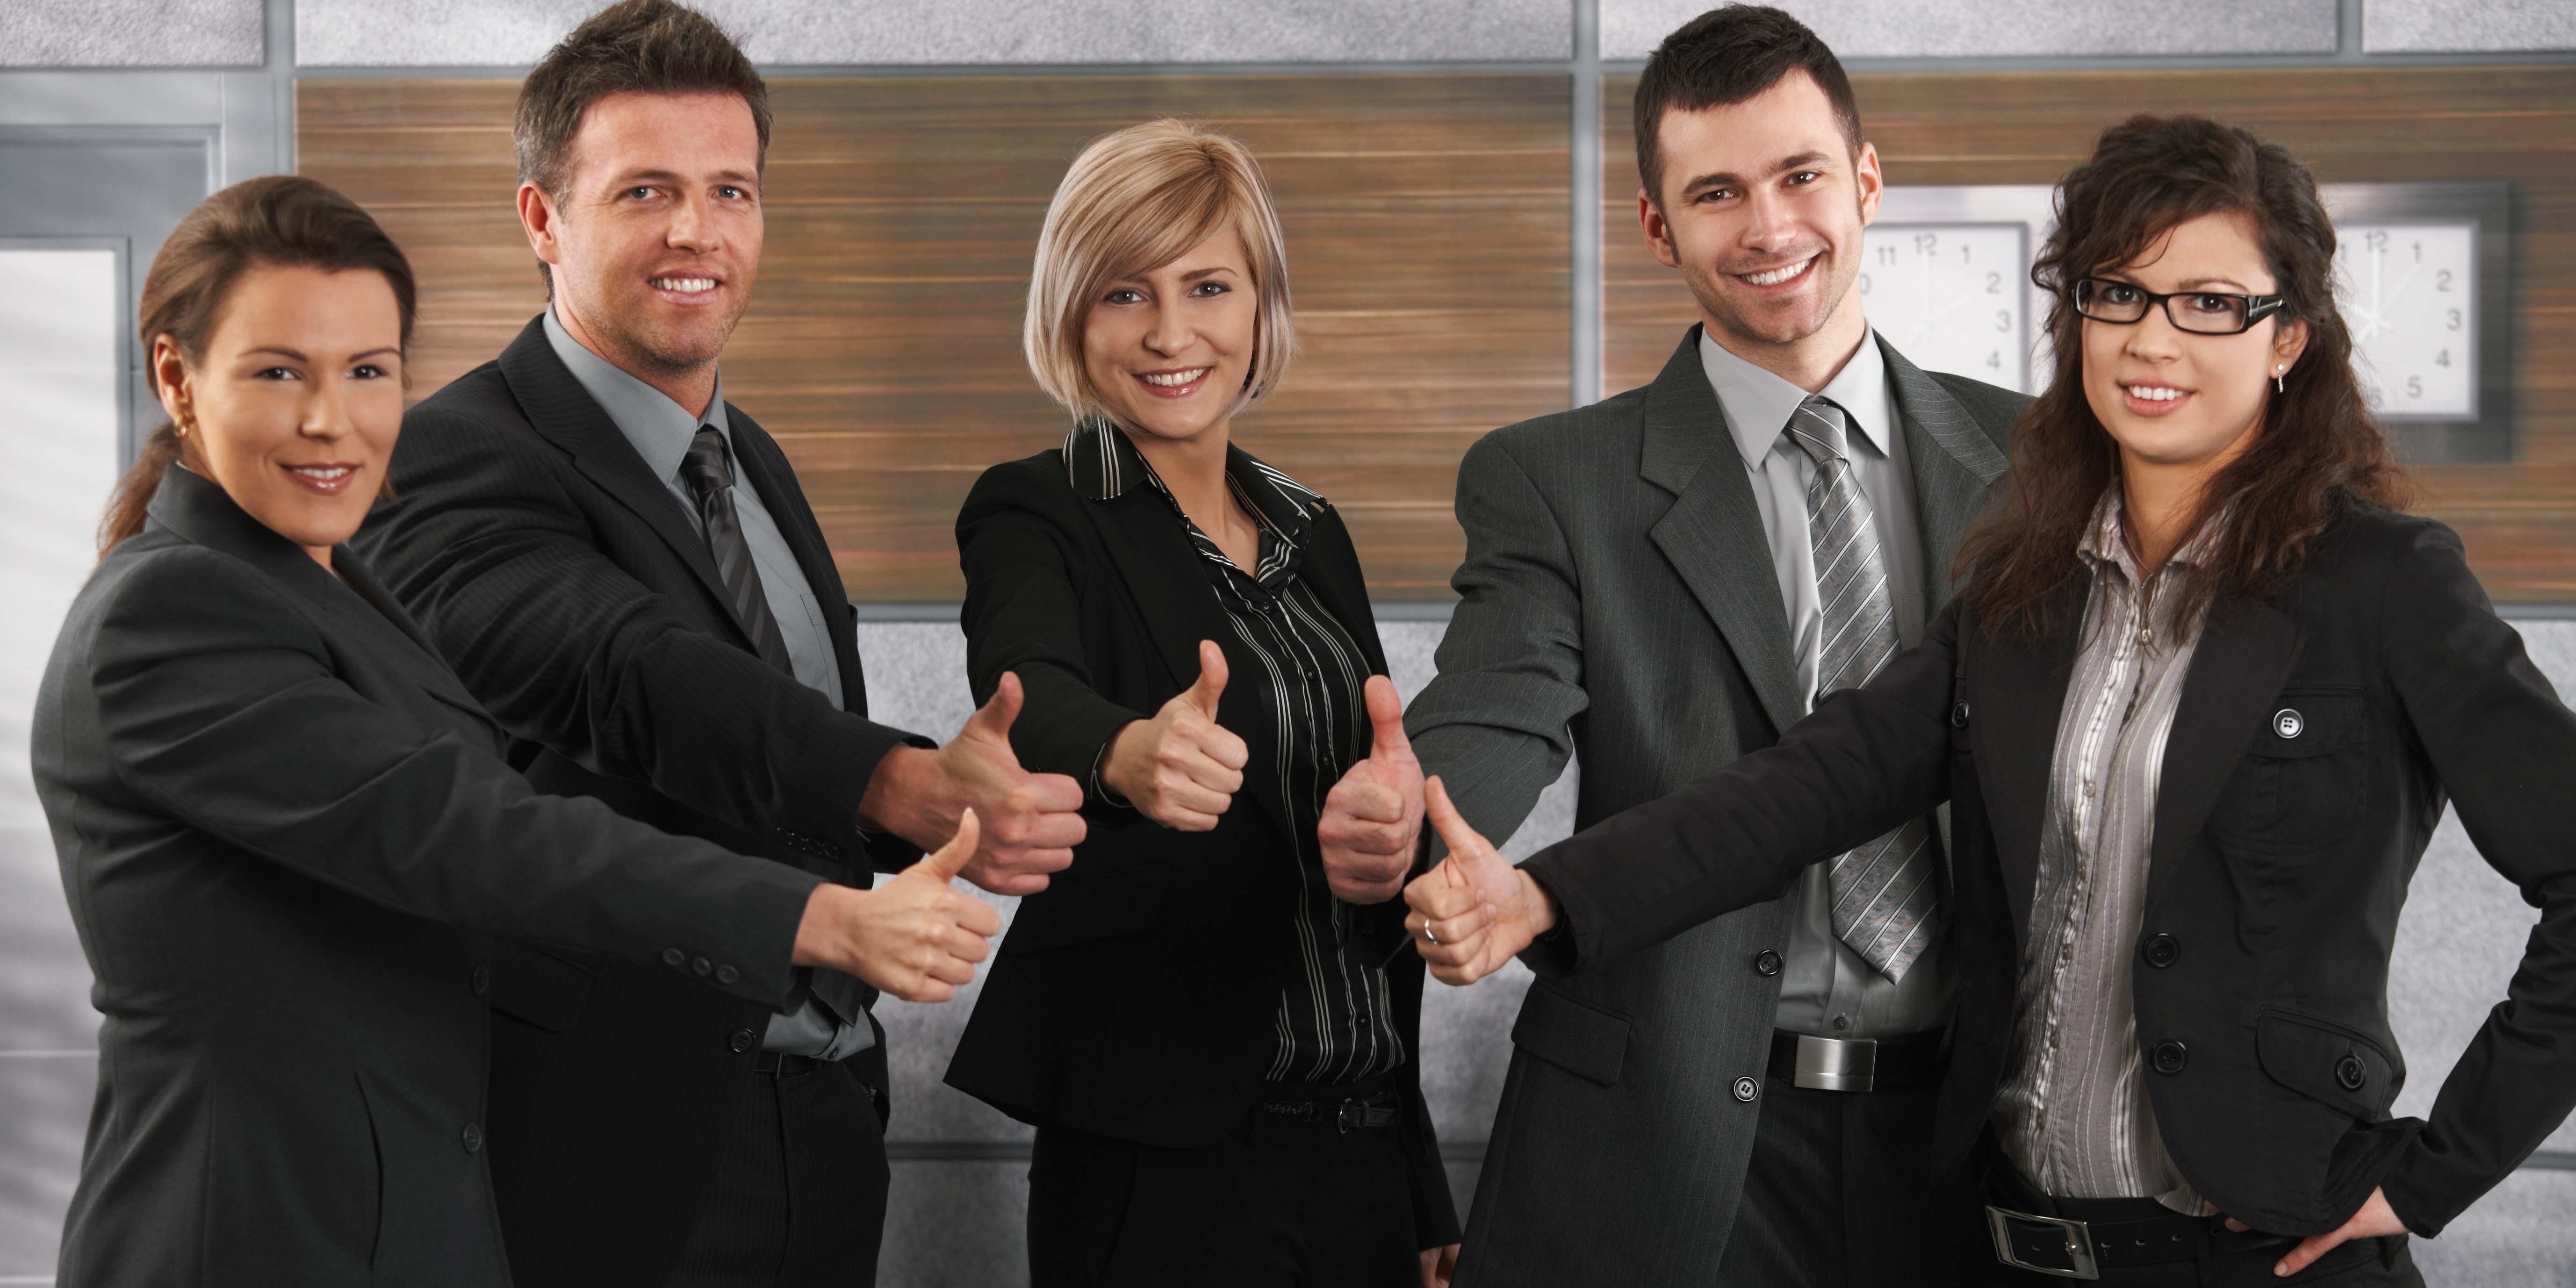 Ta en närmare titt på den här bilden av glada jobbkollegor. Kan du se lönsamhetsriskerna?       Foto: iStock